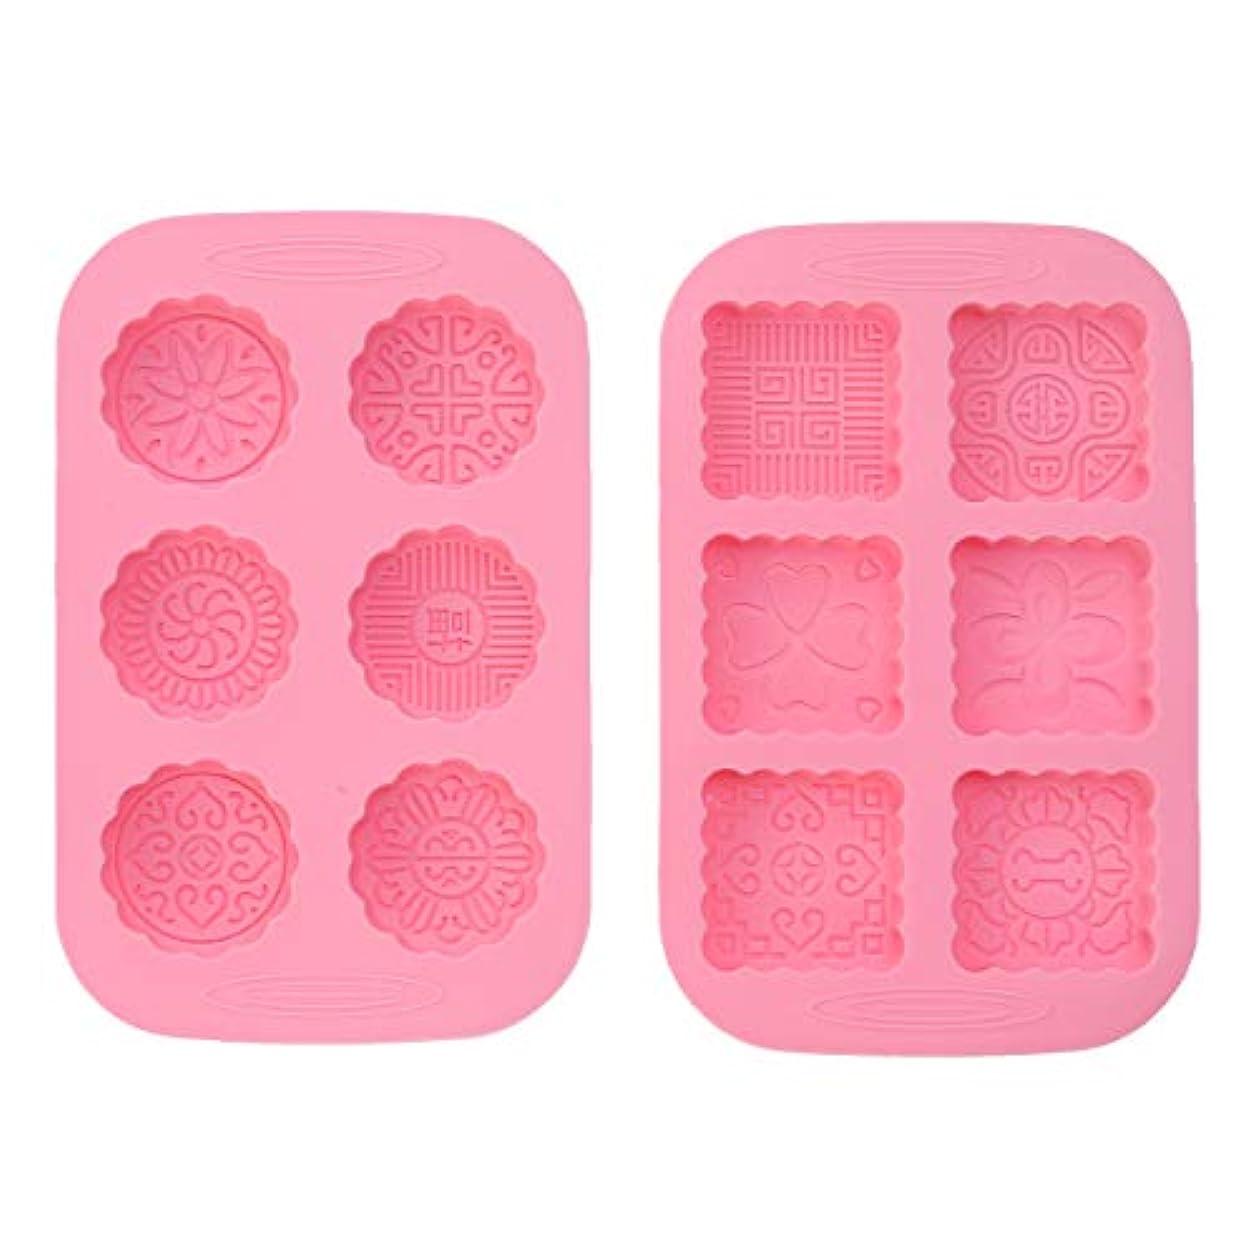 直径共和党有効SUPVOX 2本シリコンケーキマフィンムーンケーキ型花型金型DIYフォンダンショコラキャンディ金型アイスゼリーソープキューブトレイ(ピンク)